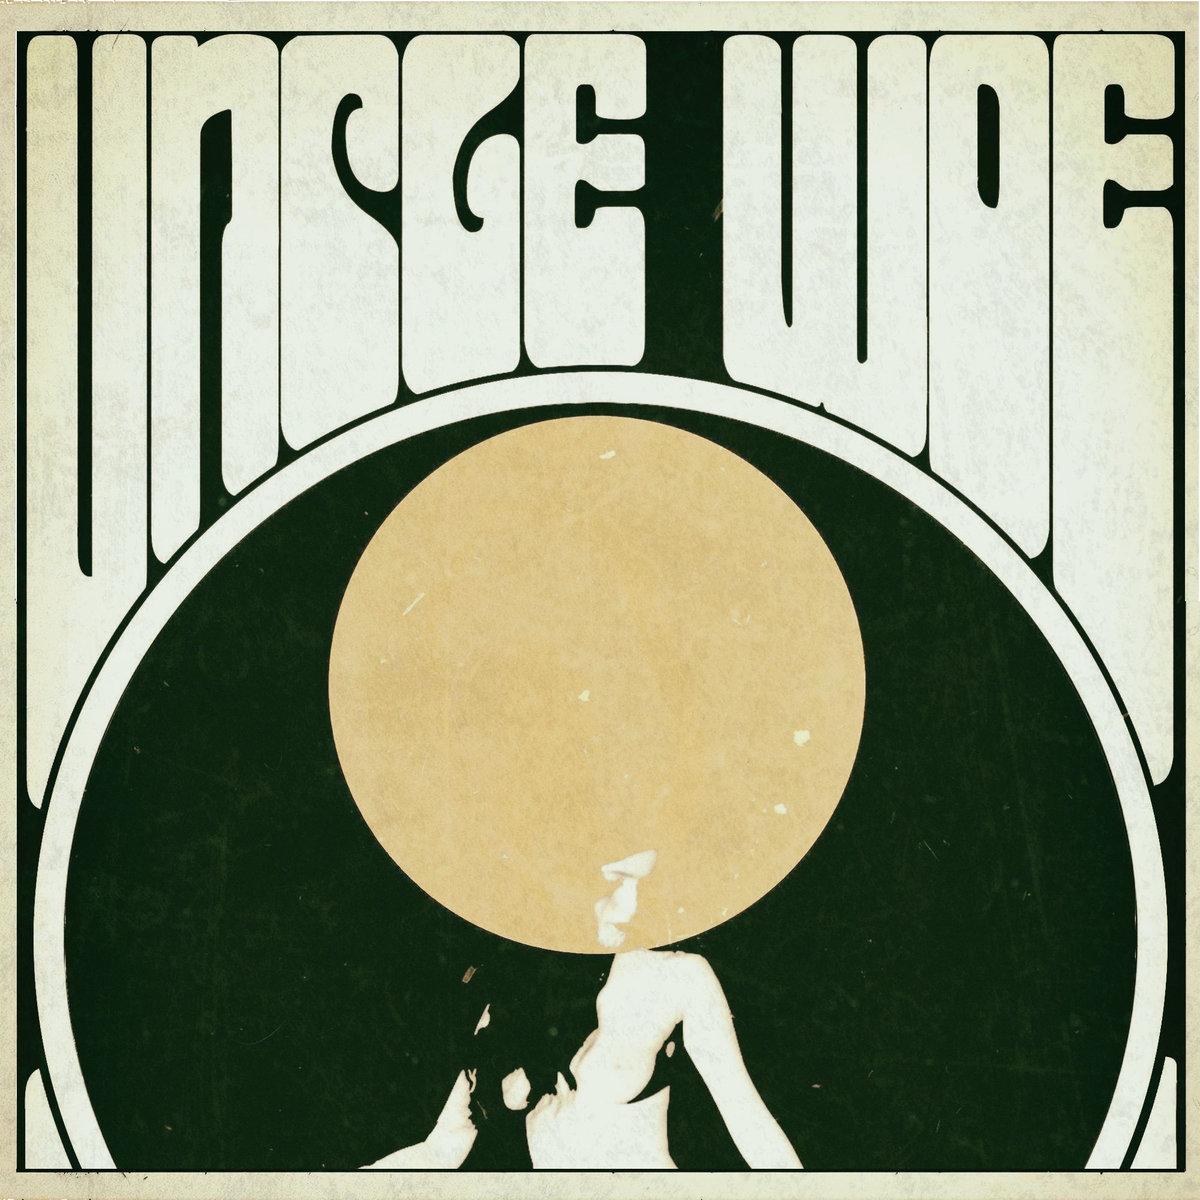 Uncle Woe Our Unworn Limbs